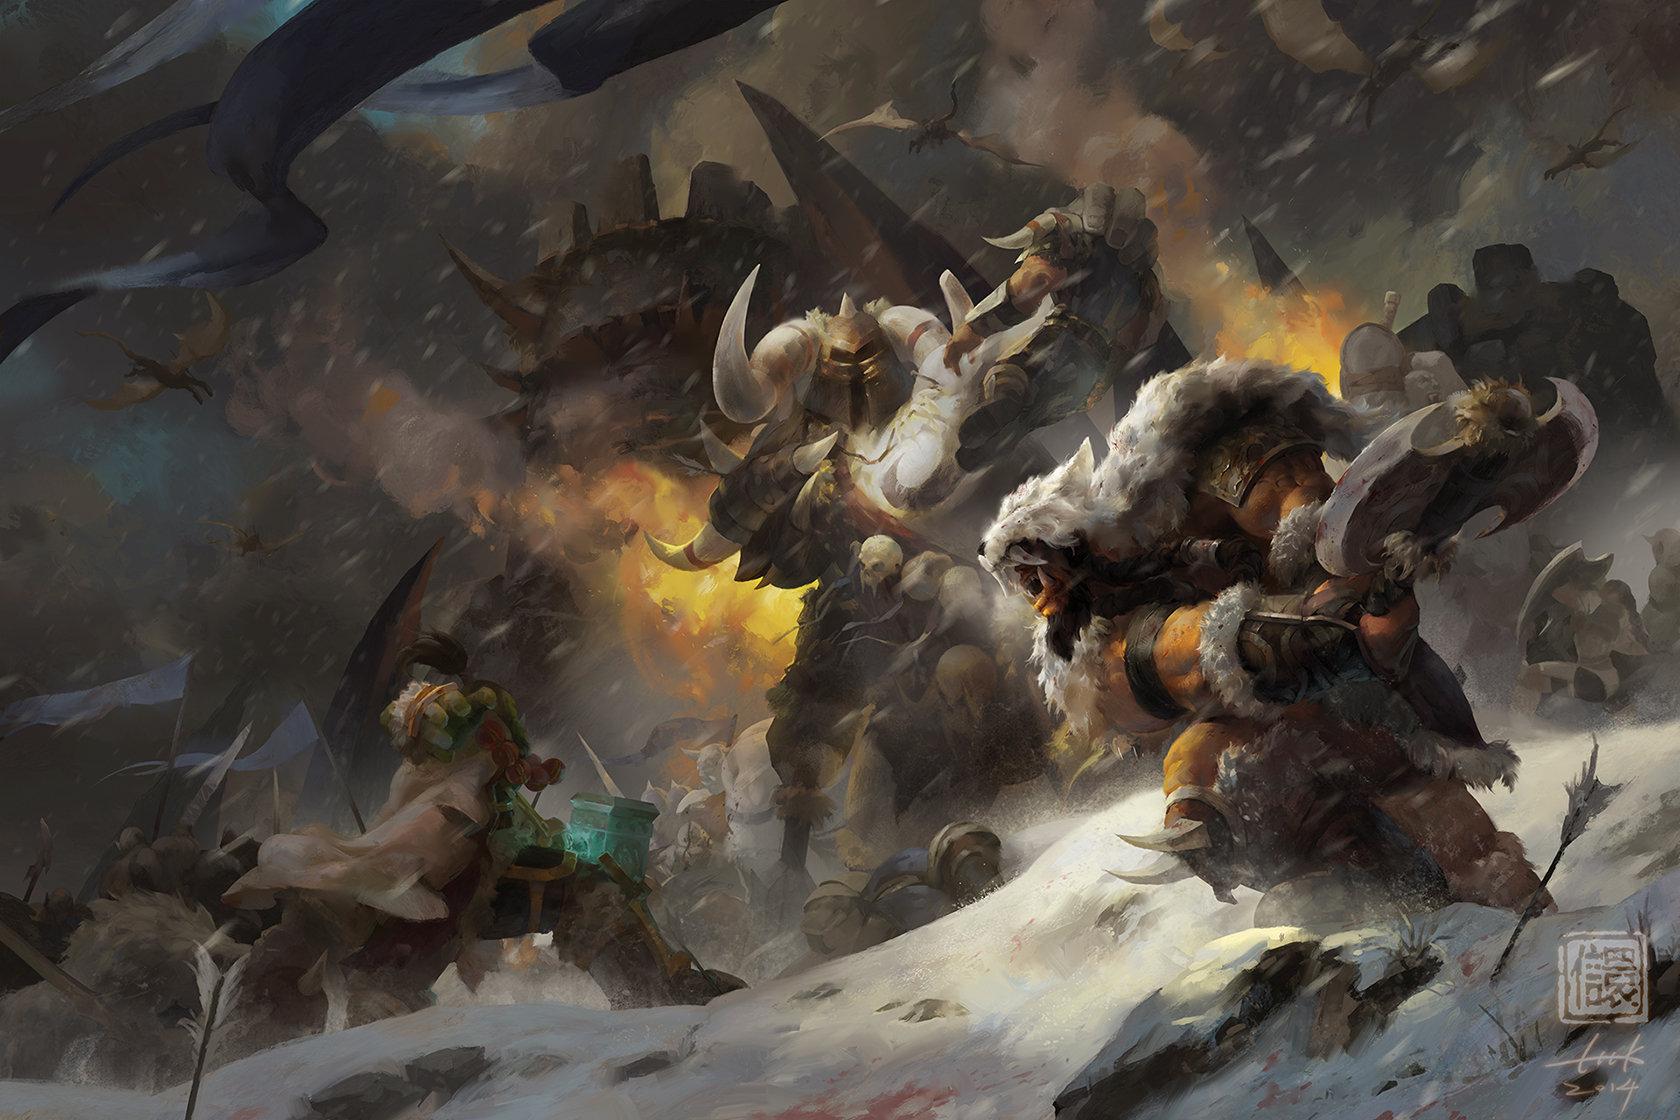 Schleich xalimbo potros 70488 eistier elfenwelt World of Fantasy personaje dentro del juego nuevo